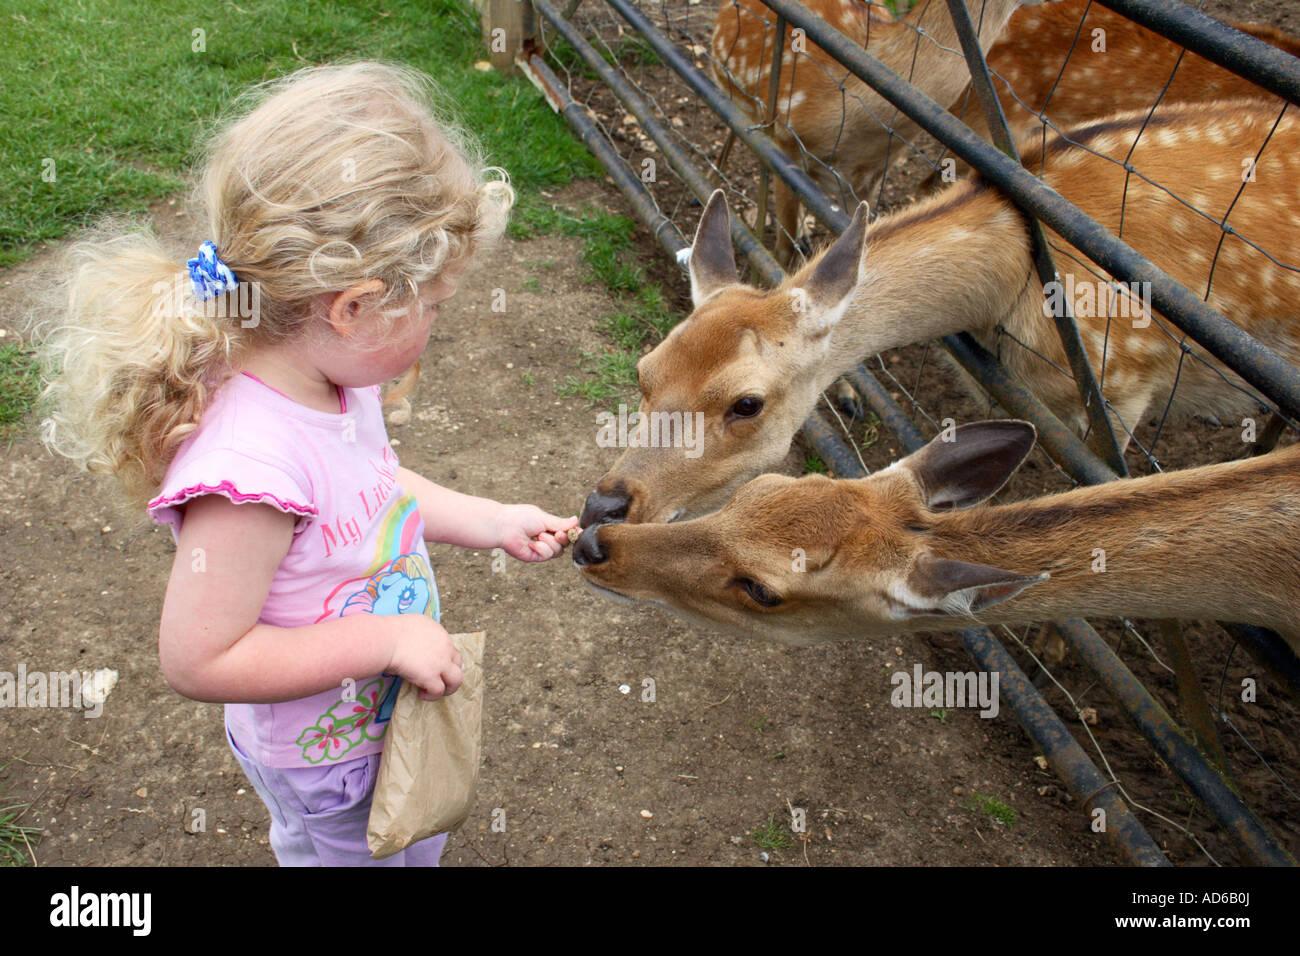 Una ragazzina di alimentazione di cervo in un parco faunistico. Immagini Stock